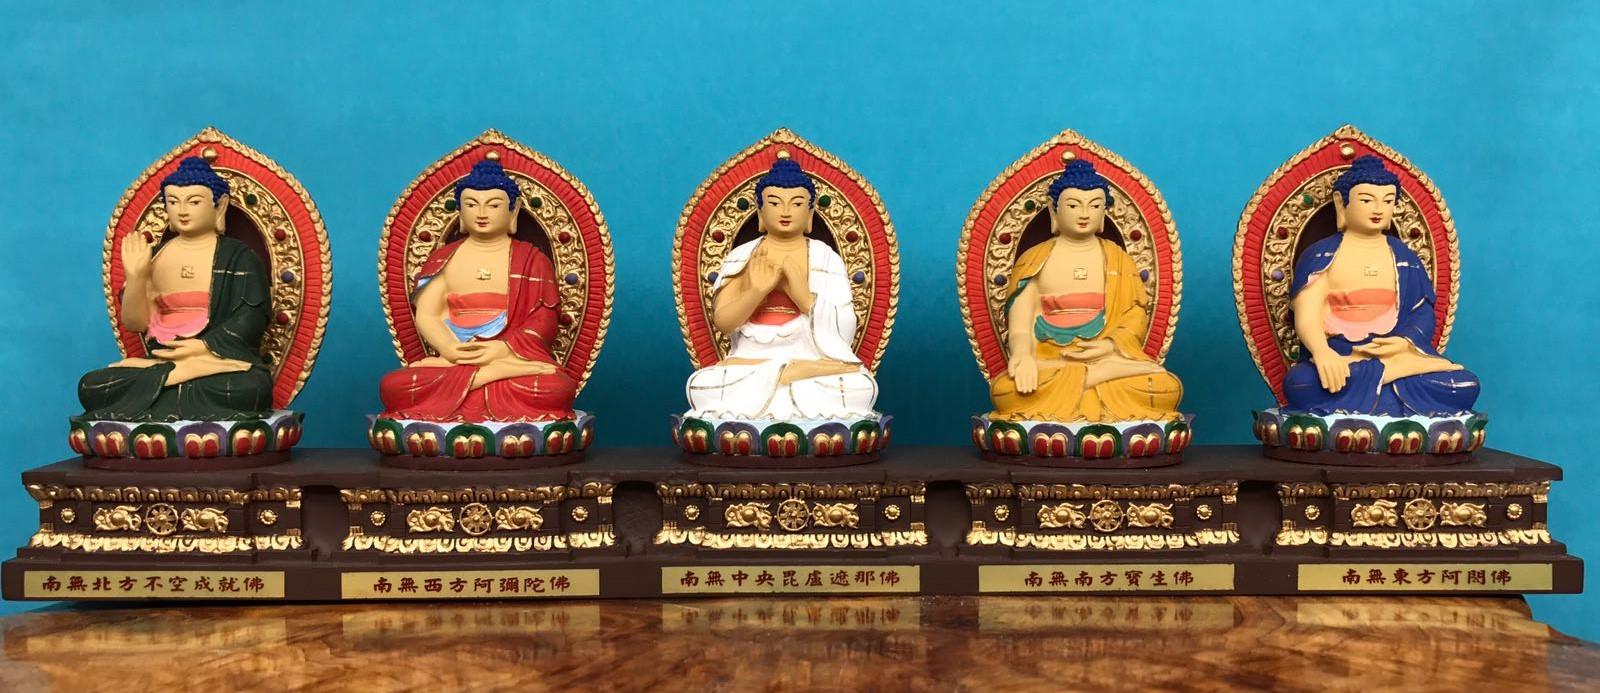 Ngũ Phương Phật theo Kim Cang Giới - according to Vajragarbha